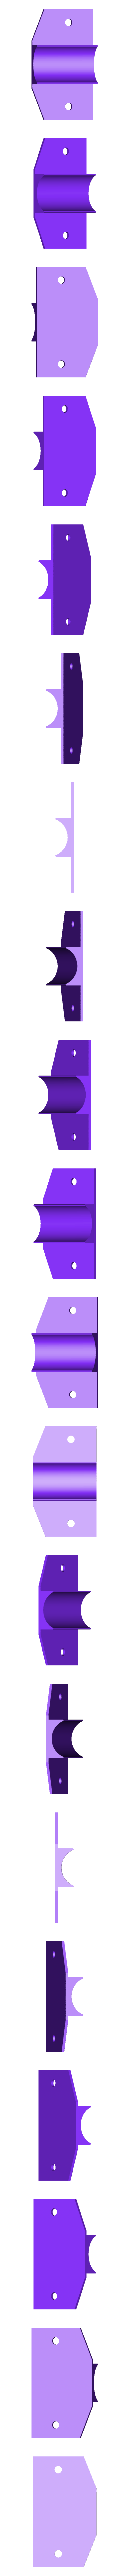 Bearing_Mount_v3-1_Flex.STL Télécharger fichier STL gratuit LM8UUU Support de palier • Modèle à imprimer en 3D, WalterHsiao